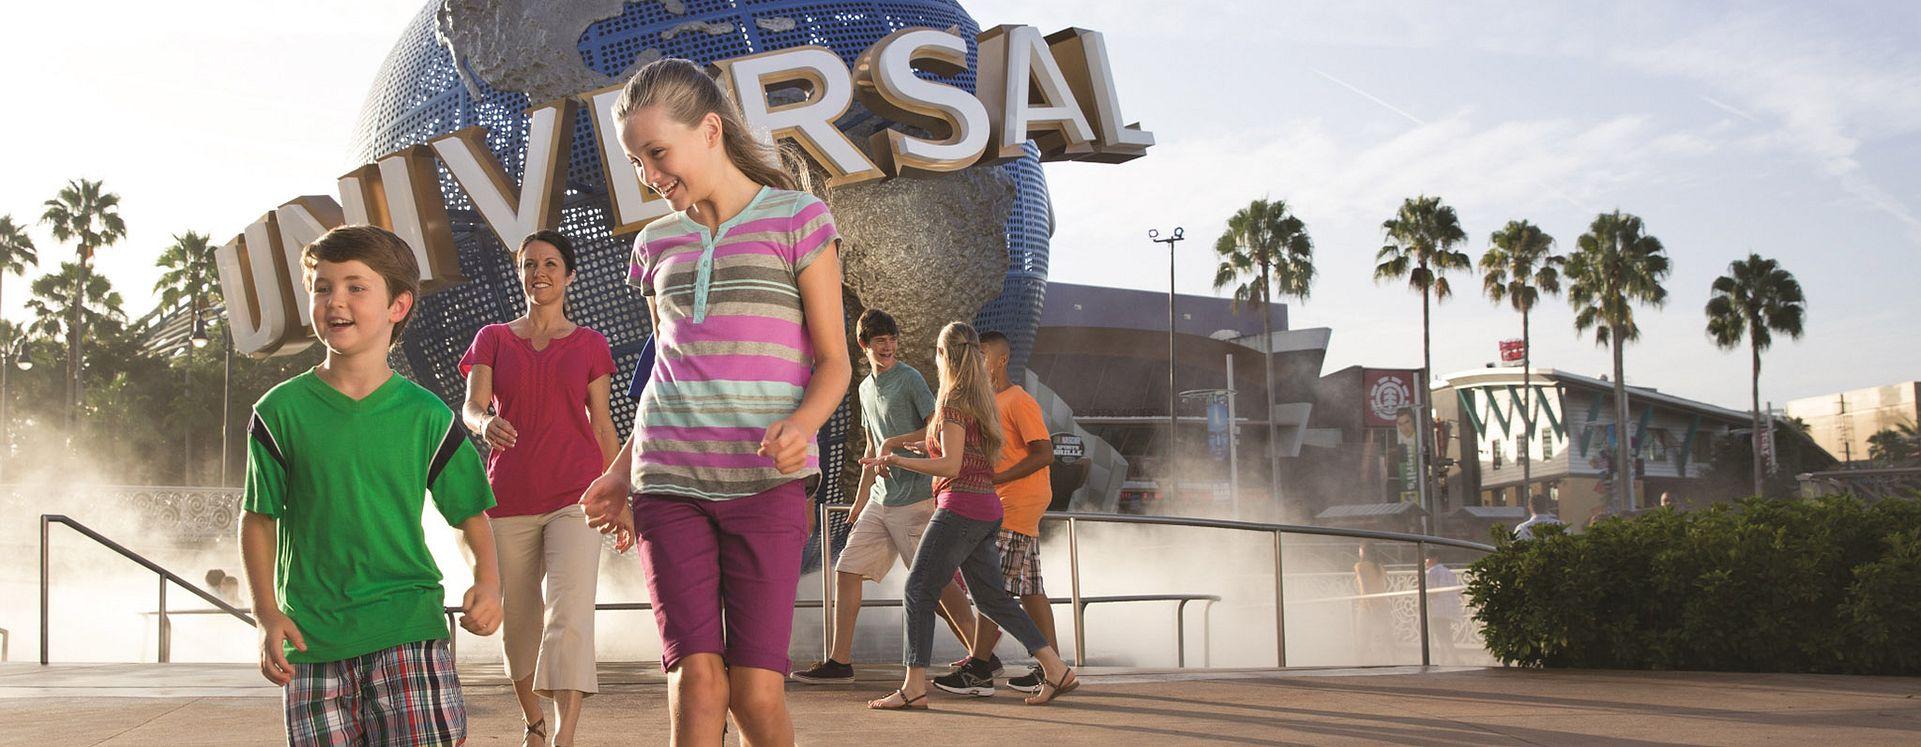 Familia frente al globo terráqueo del parque temático de Universal Orlando Resort.